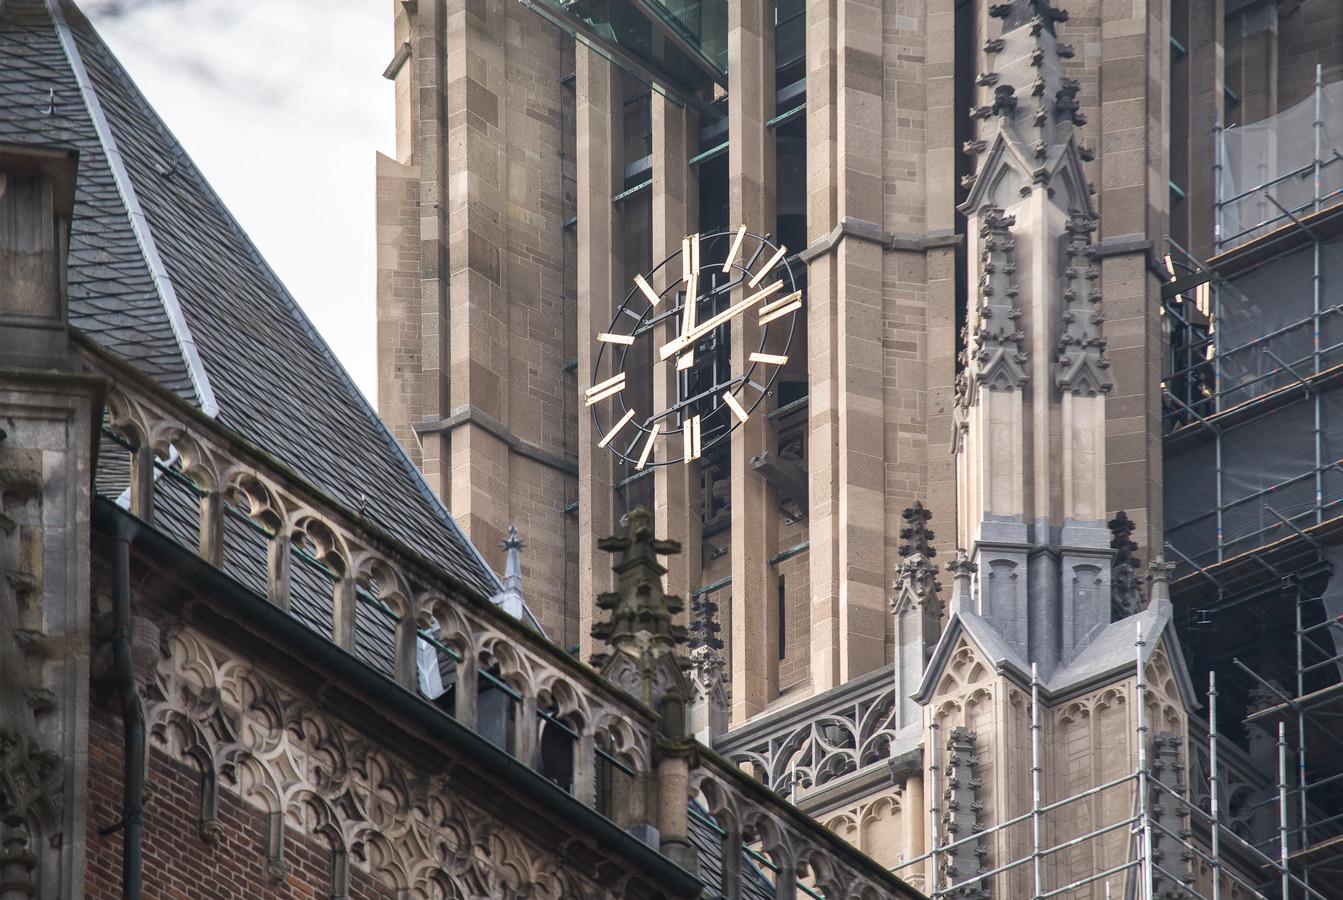 Drie van de vier klokken van de Eusebiuskerk in Arnhem doen het weer.